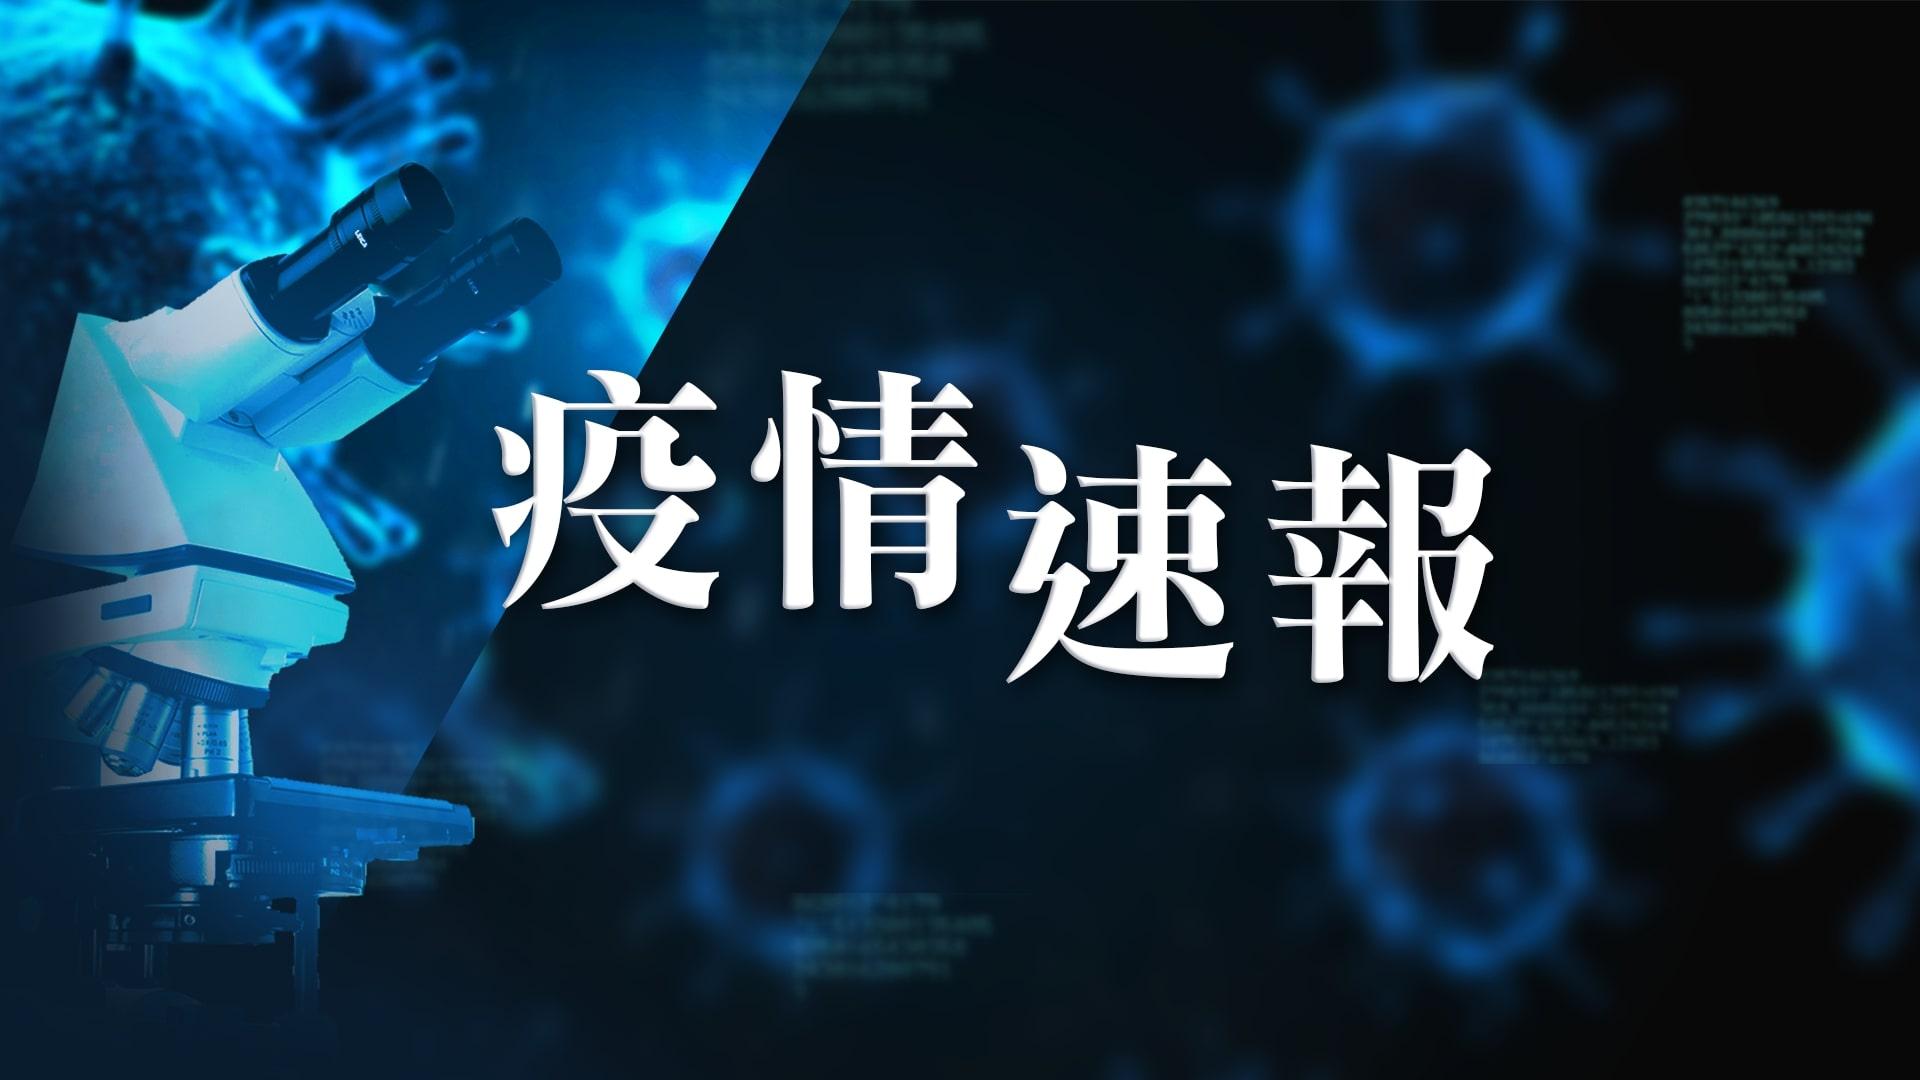 【7月23日疫情速報】(23:35)